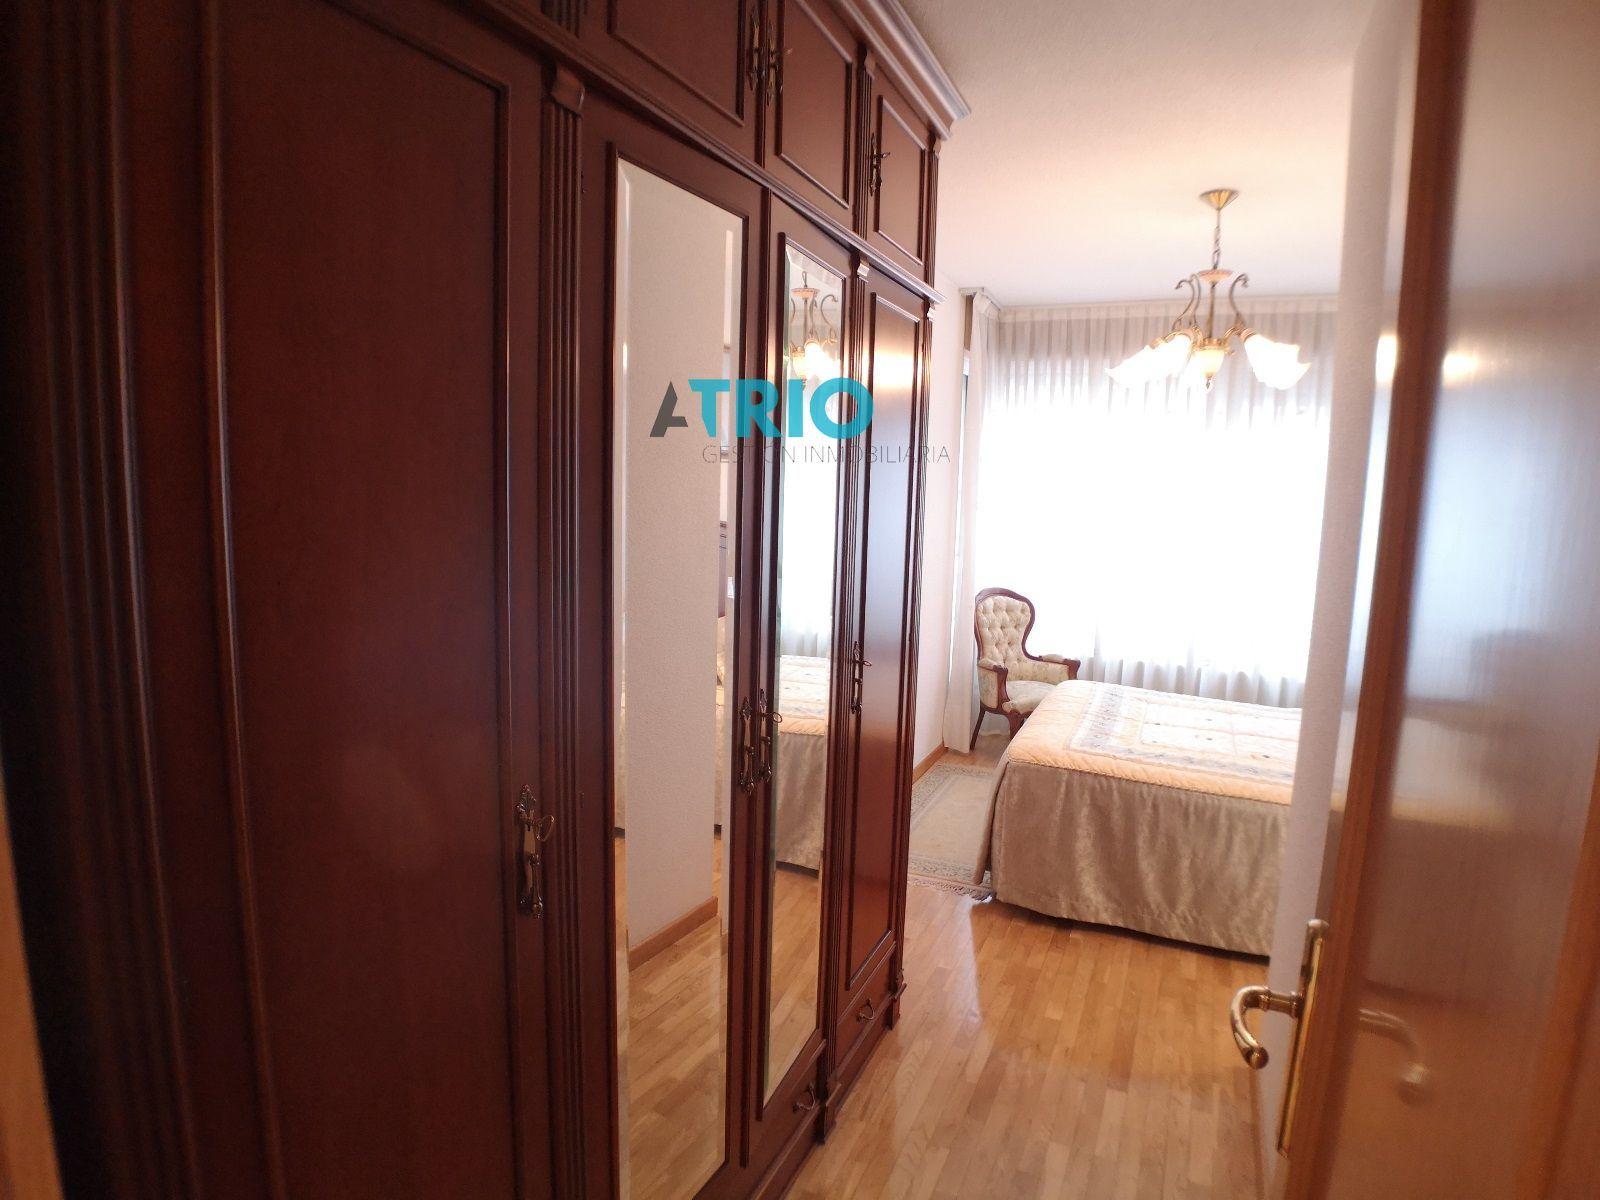 dia.mobiliagestion.es/Portals/inmoatrio/Images/6789/5035097